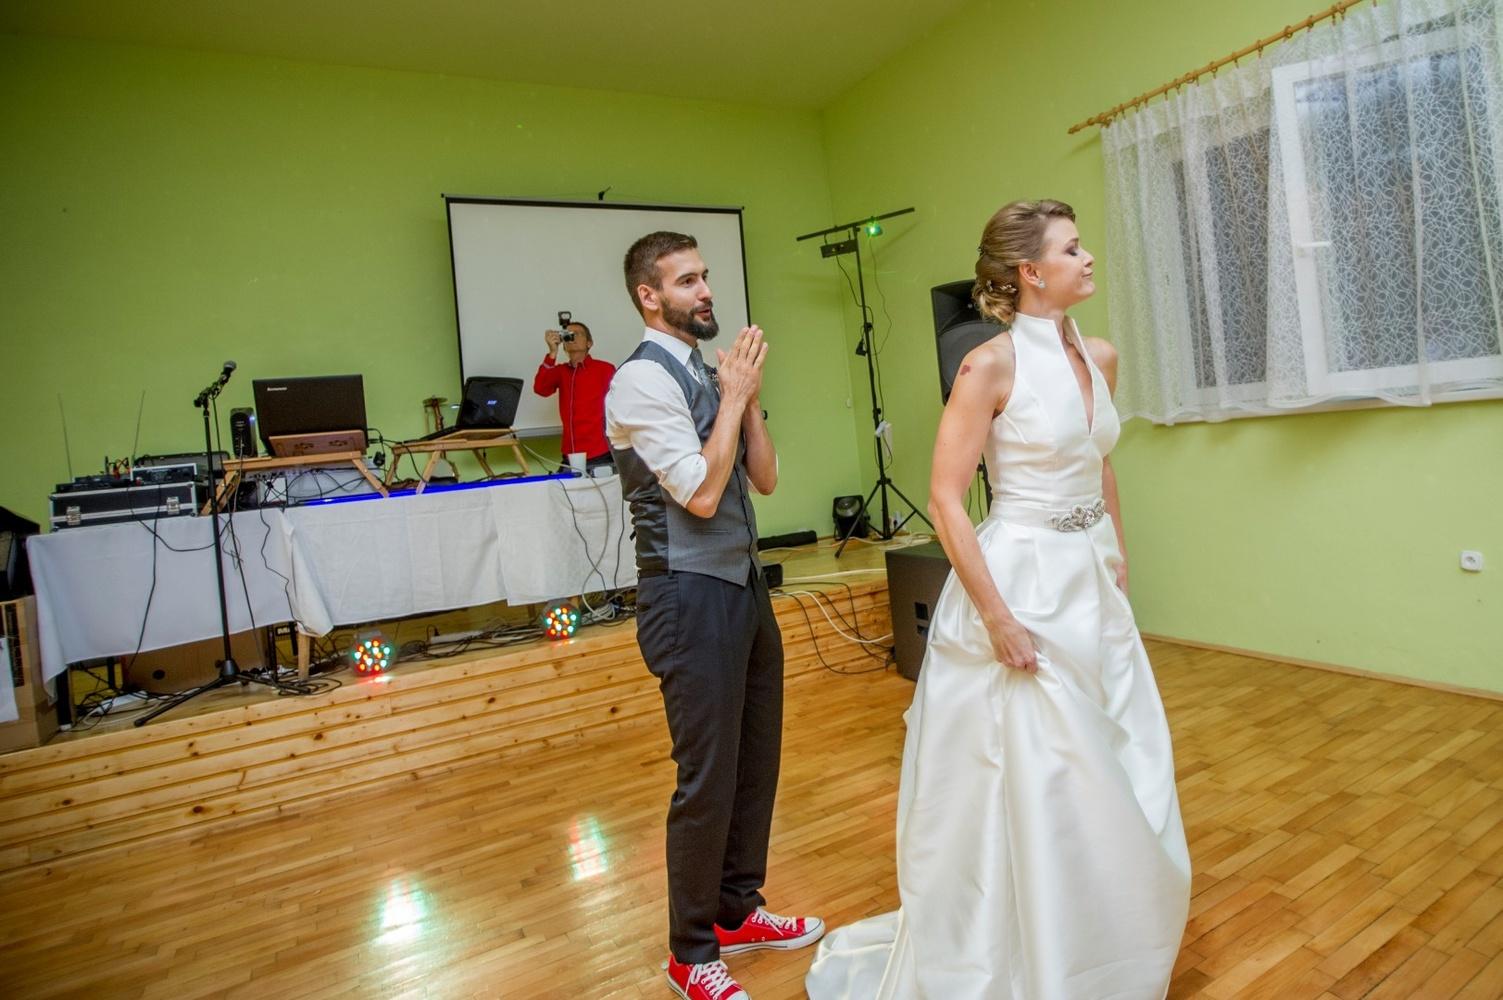 http://www.fotoz.sk/images/gallery-8/normal/eskuvoi-fotos_svadobny-fotograf_534.jpg